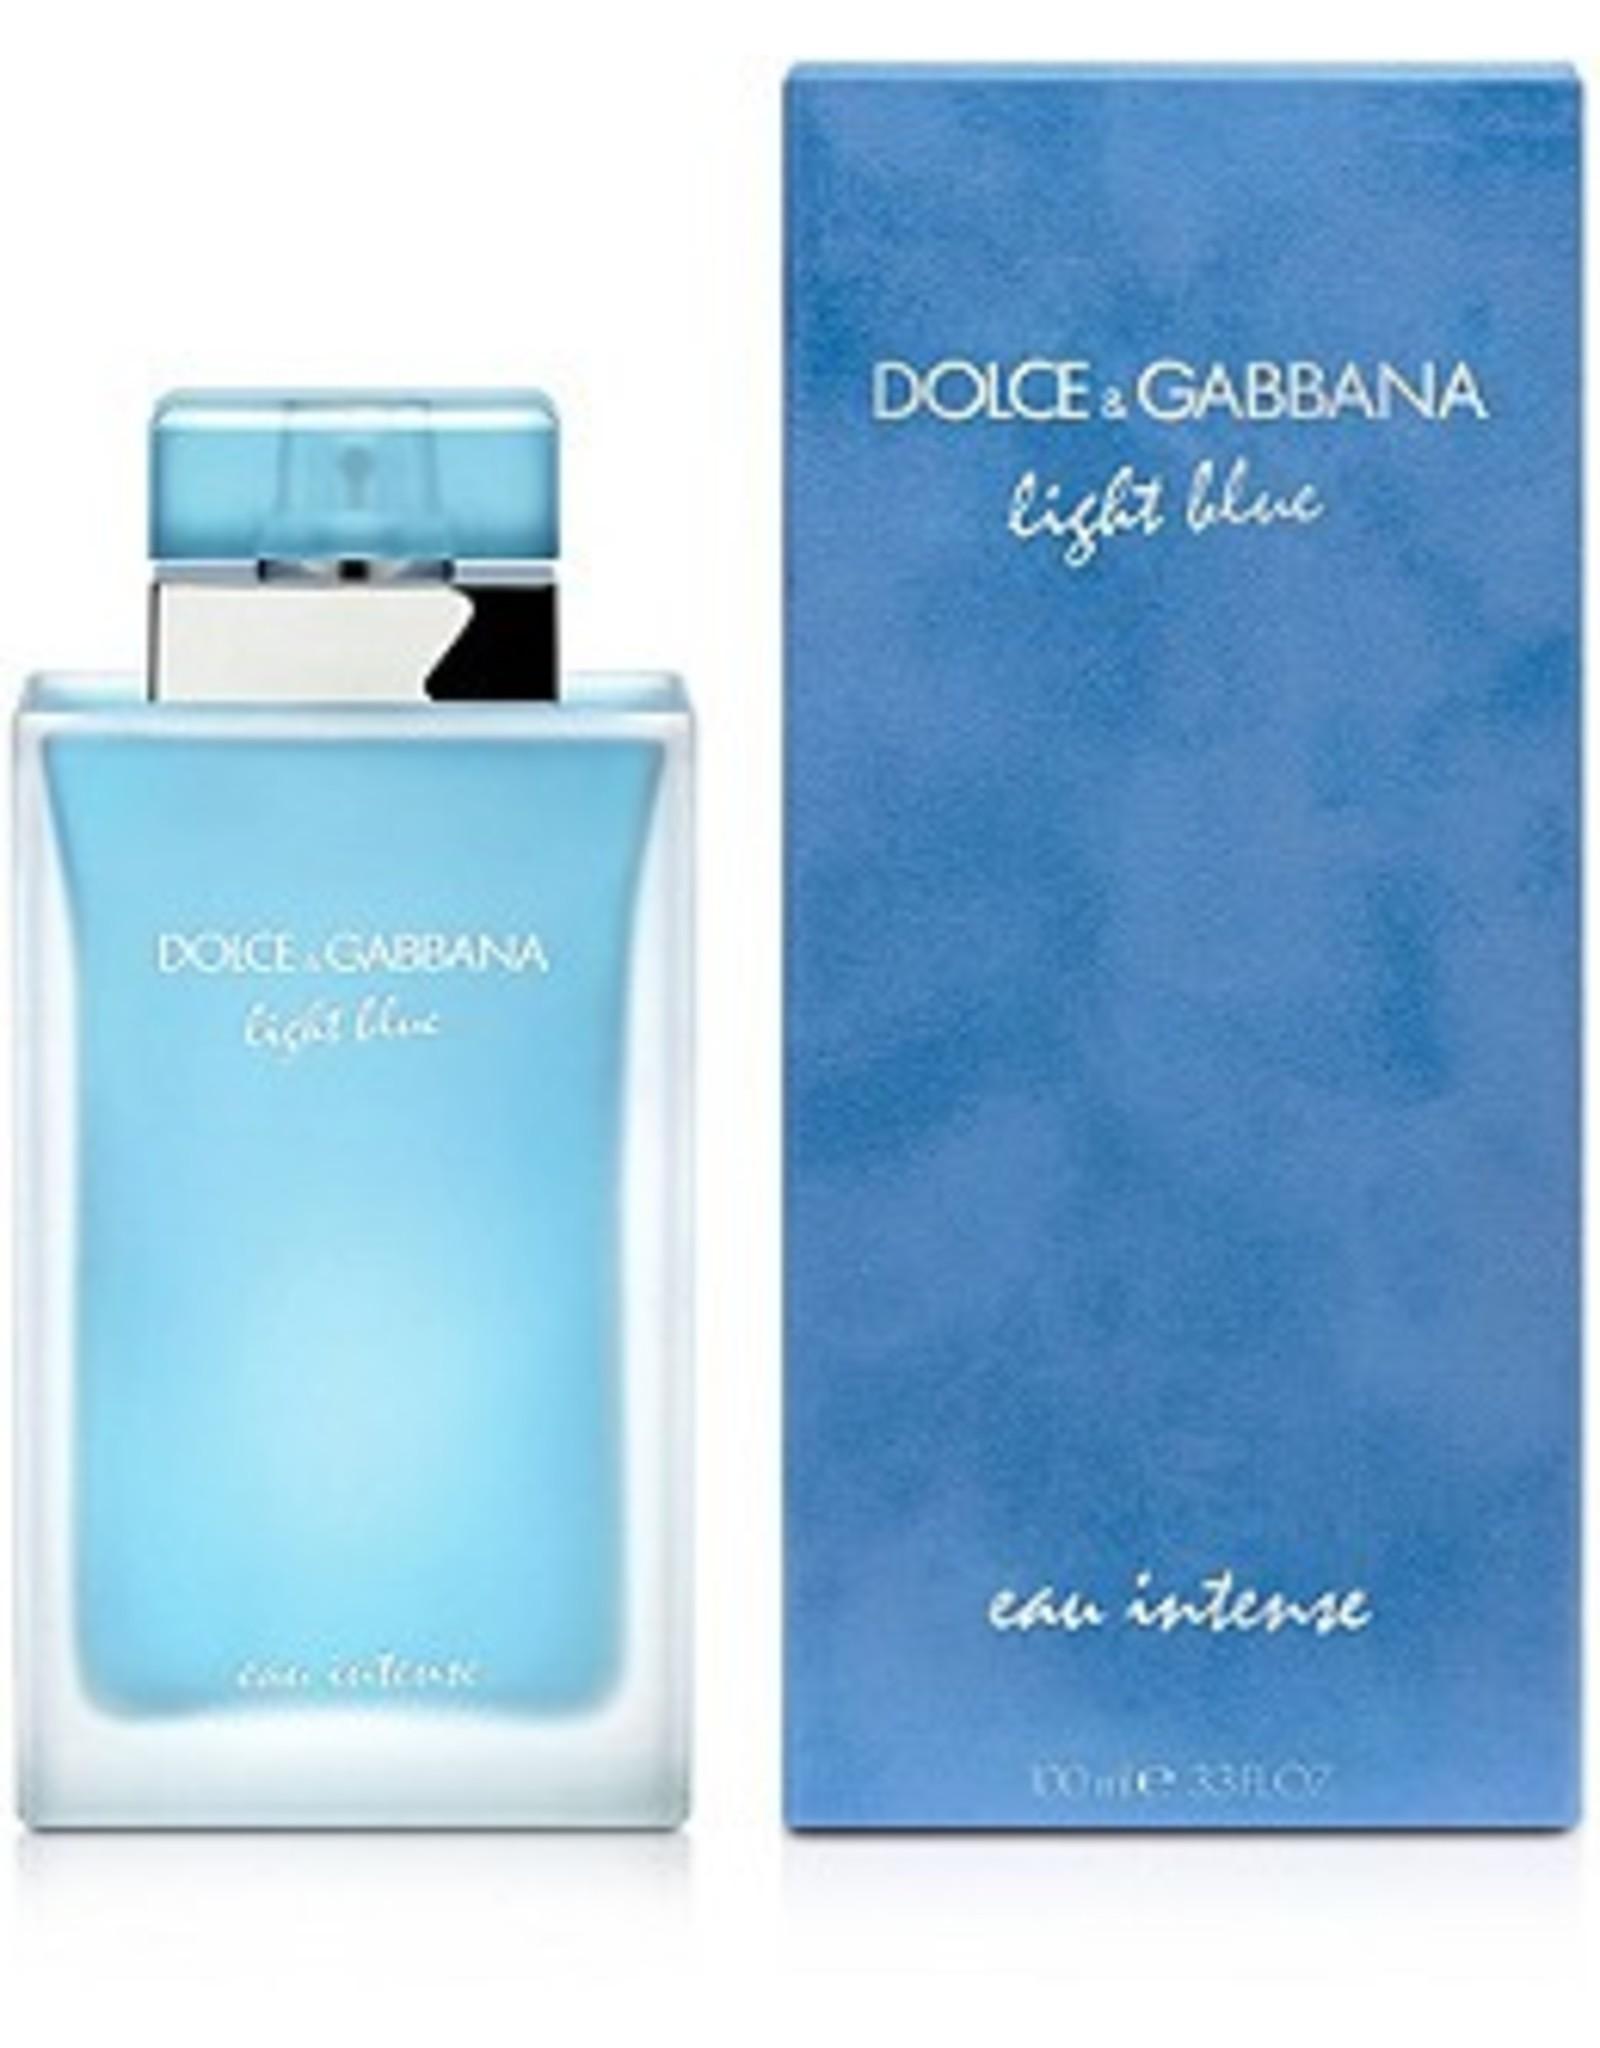 DOLCE & GABBANA DOLCE & GABBANA LIGHT BLUE EAU INTENSE